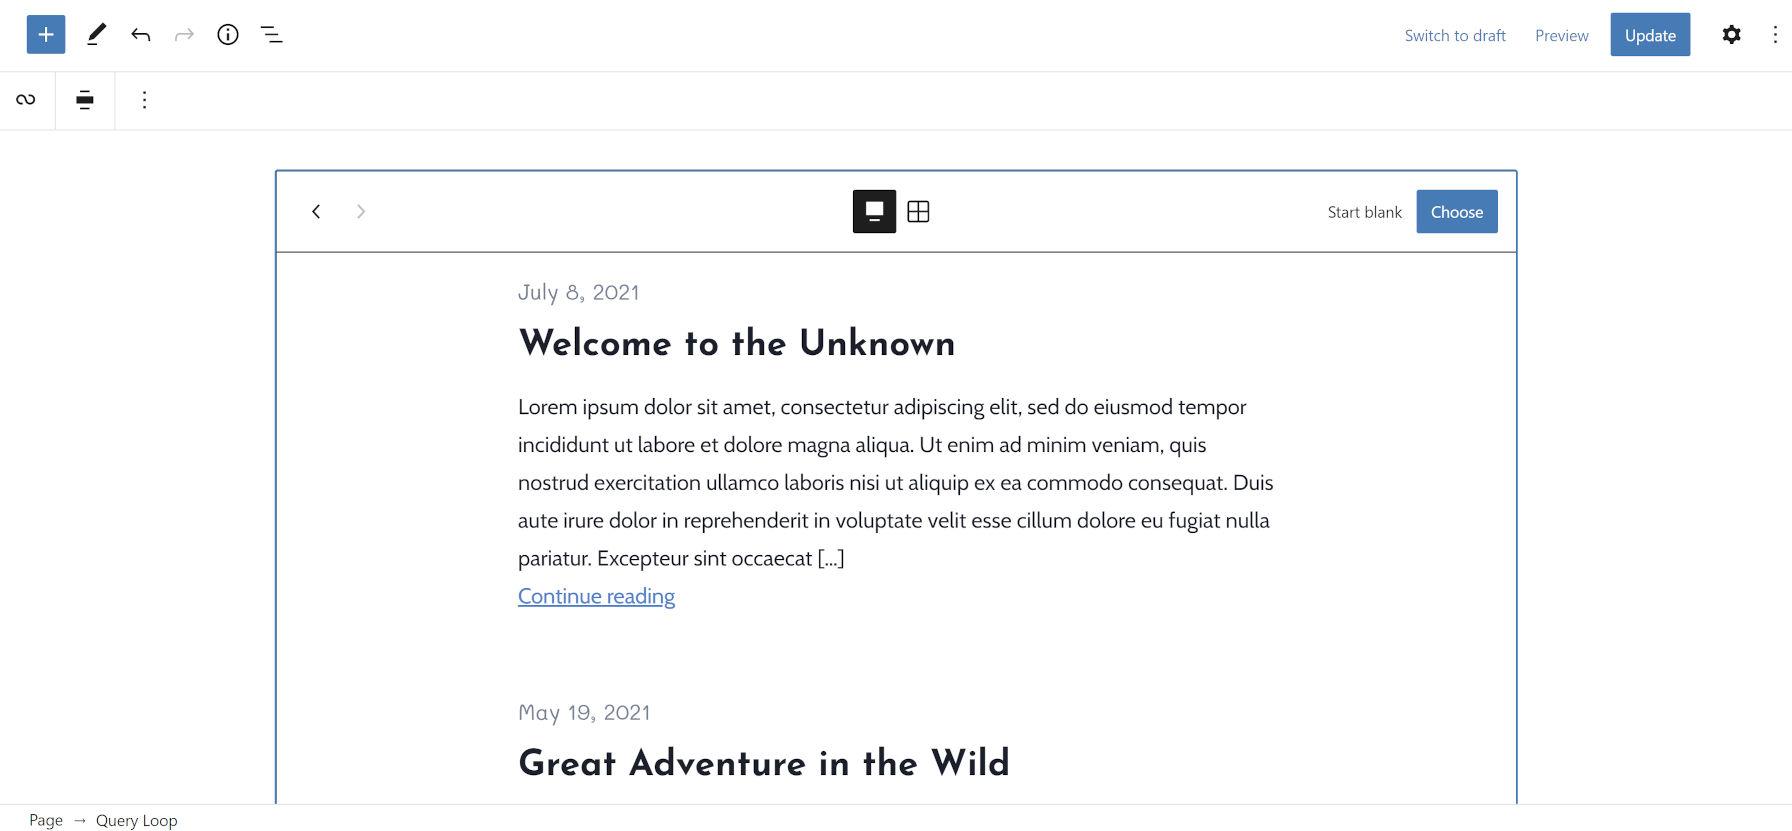 Un pattern Query Loop nell'editor di WordPress che mostra la data del post, il titolo e l'estratto.